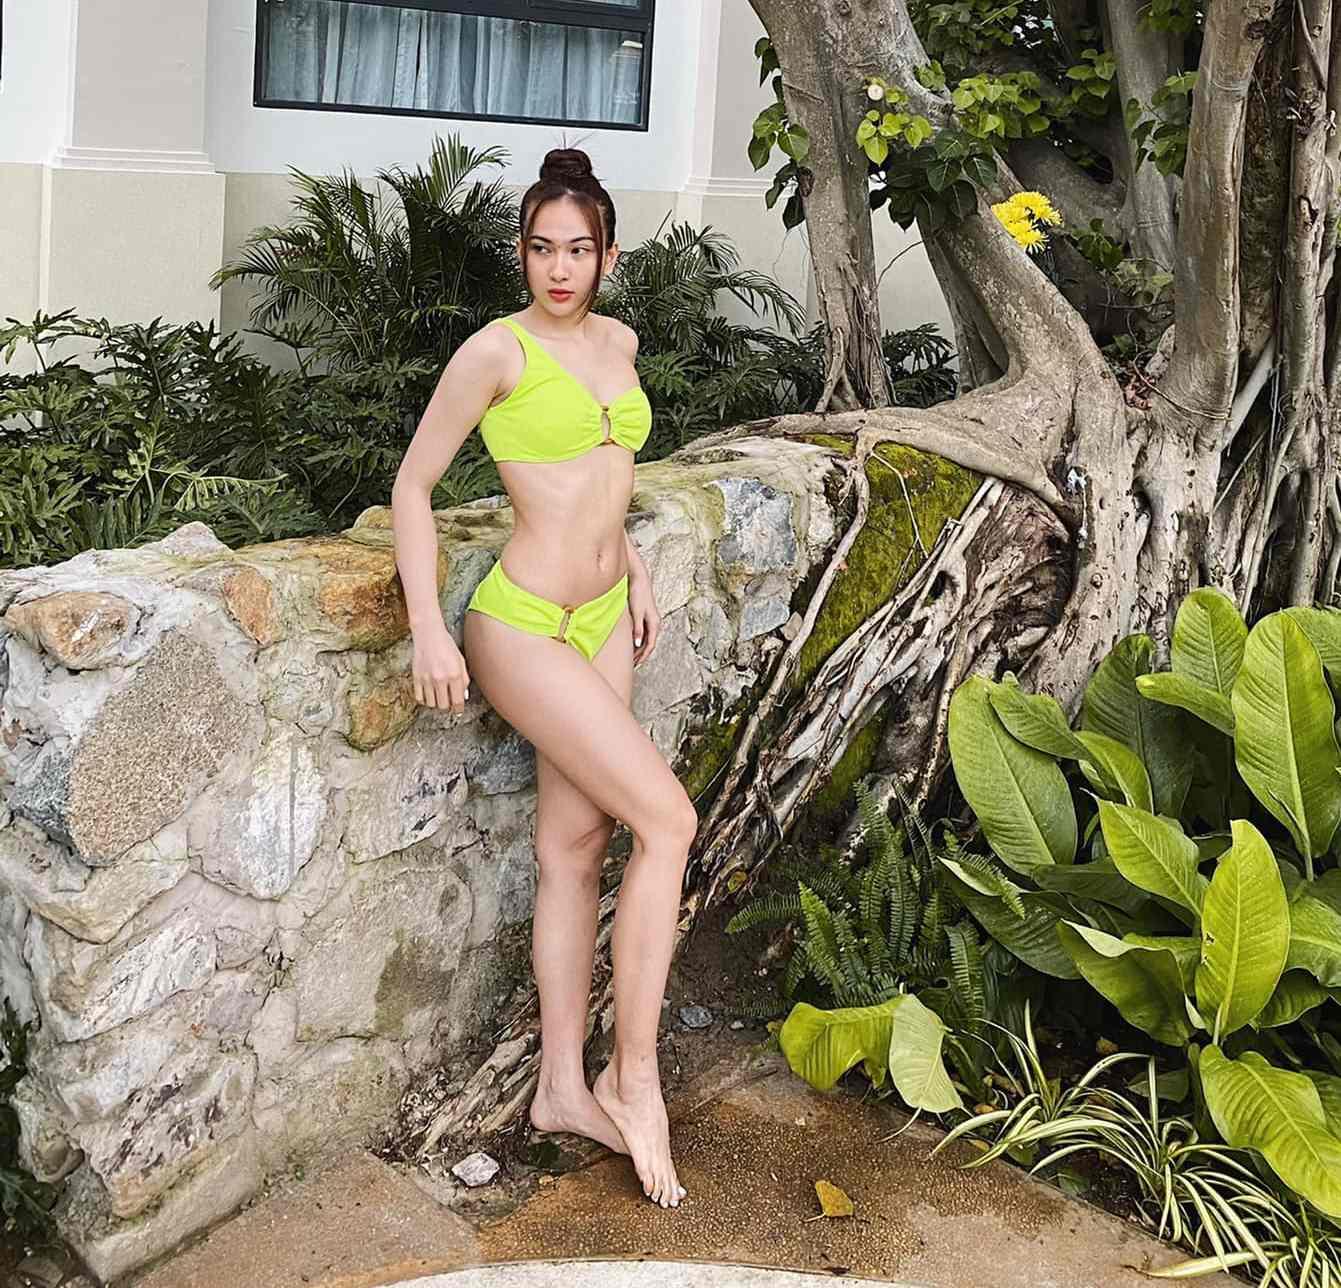 """Thí sinh hoa hậu """"bí ẩn"""" đến từ Hà Nội: Chưa thi đã về nhất vì đặc điểm cơ thể nổi bật - hình ảnh 3"""